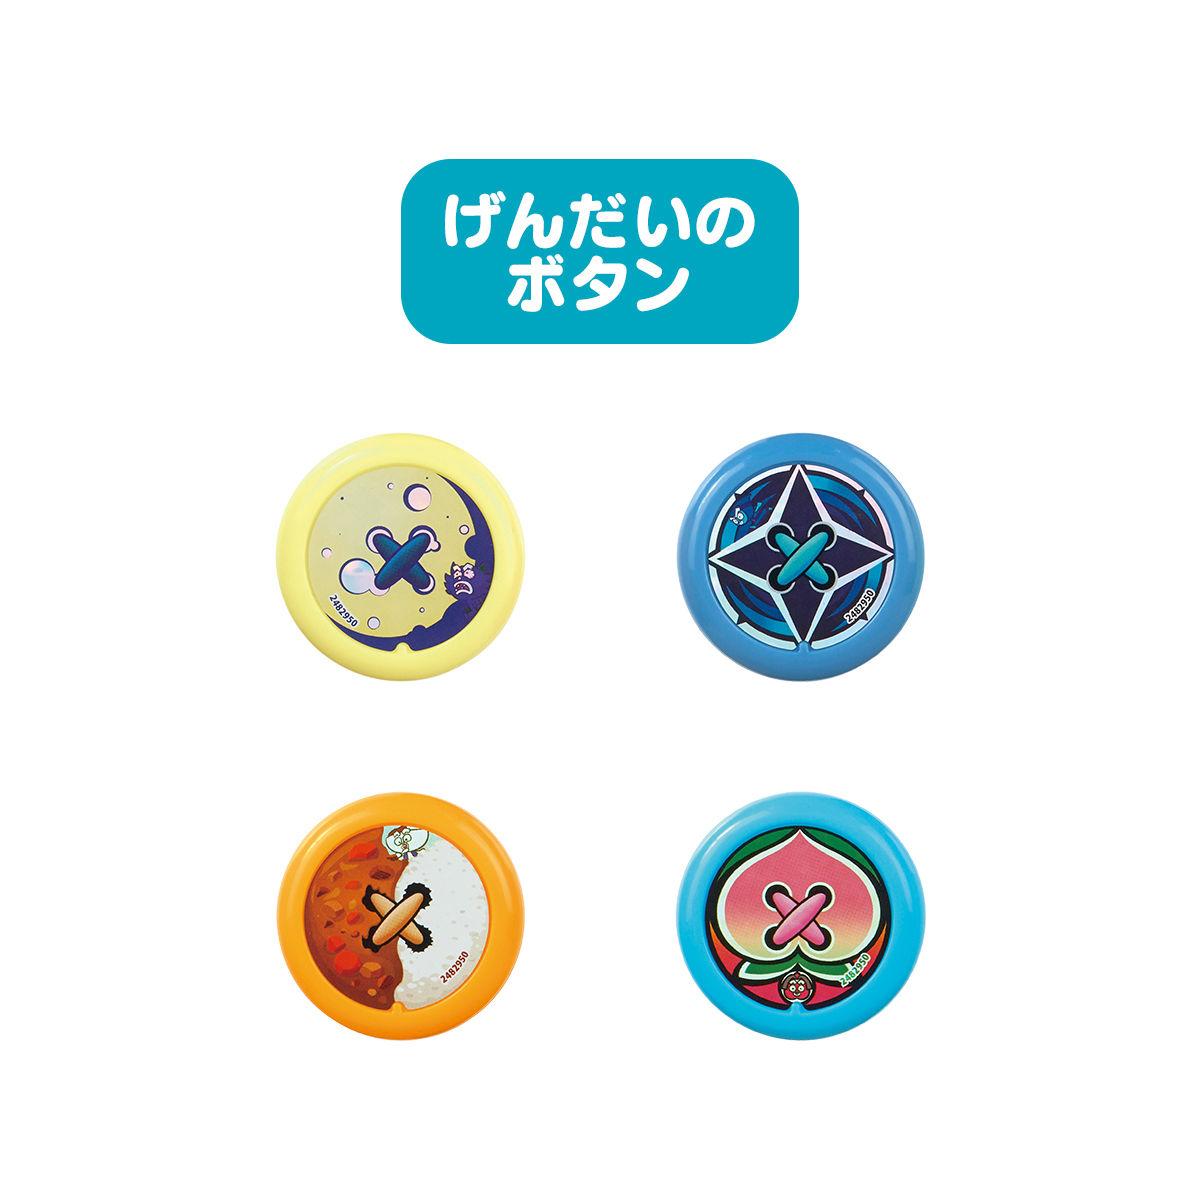 けだまのゴンじろーボタンコレクション02